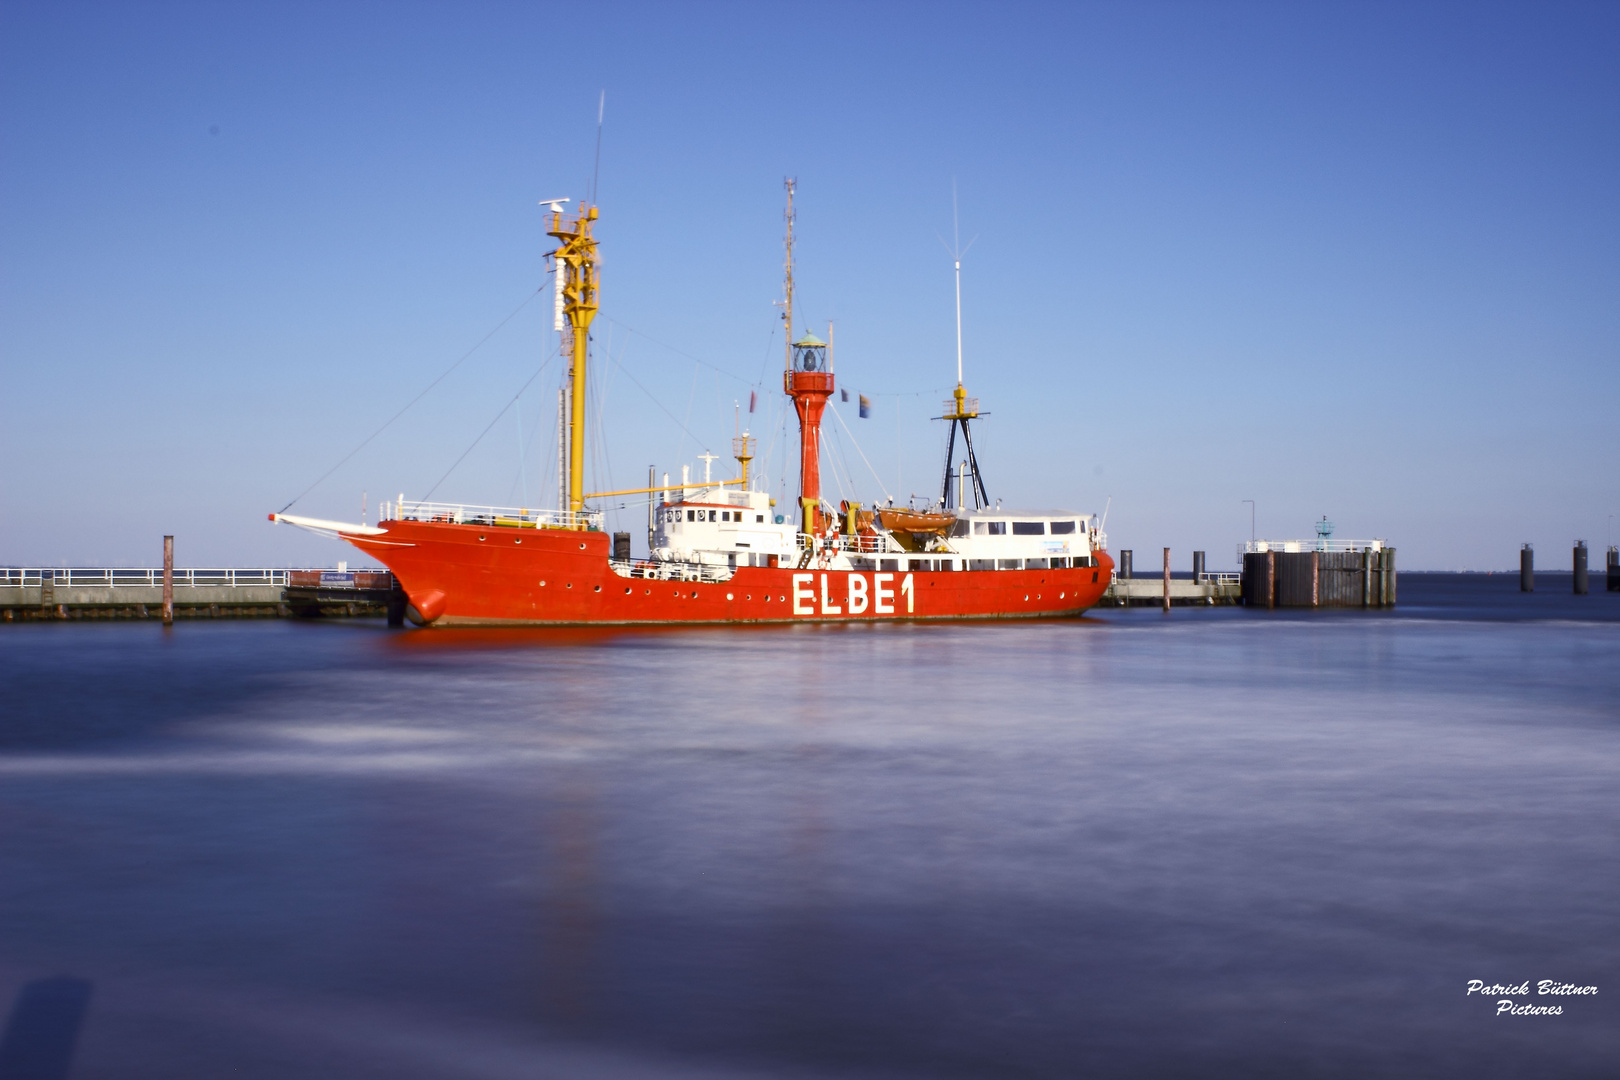 Feuerschiff Elbe1